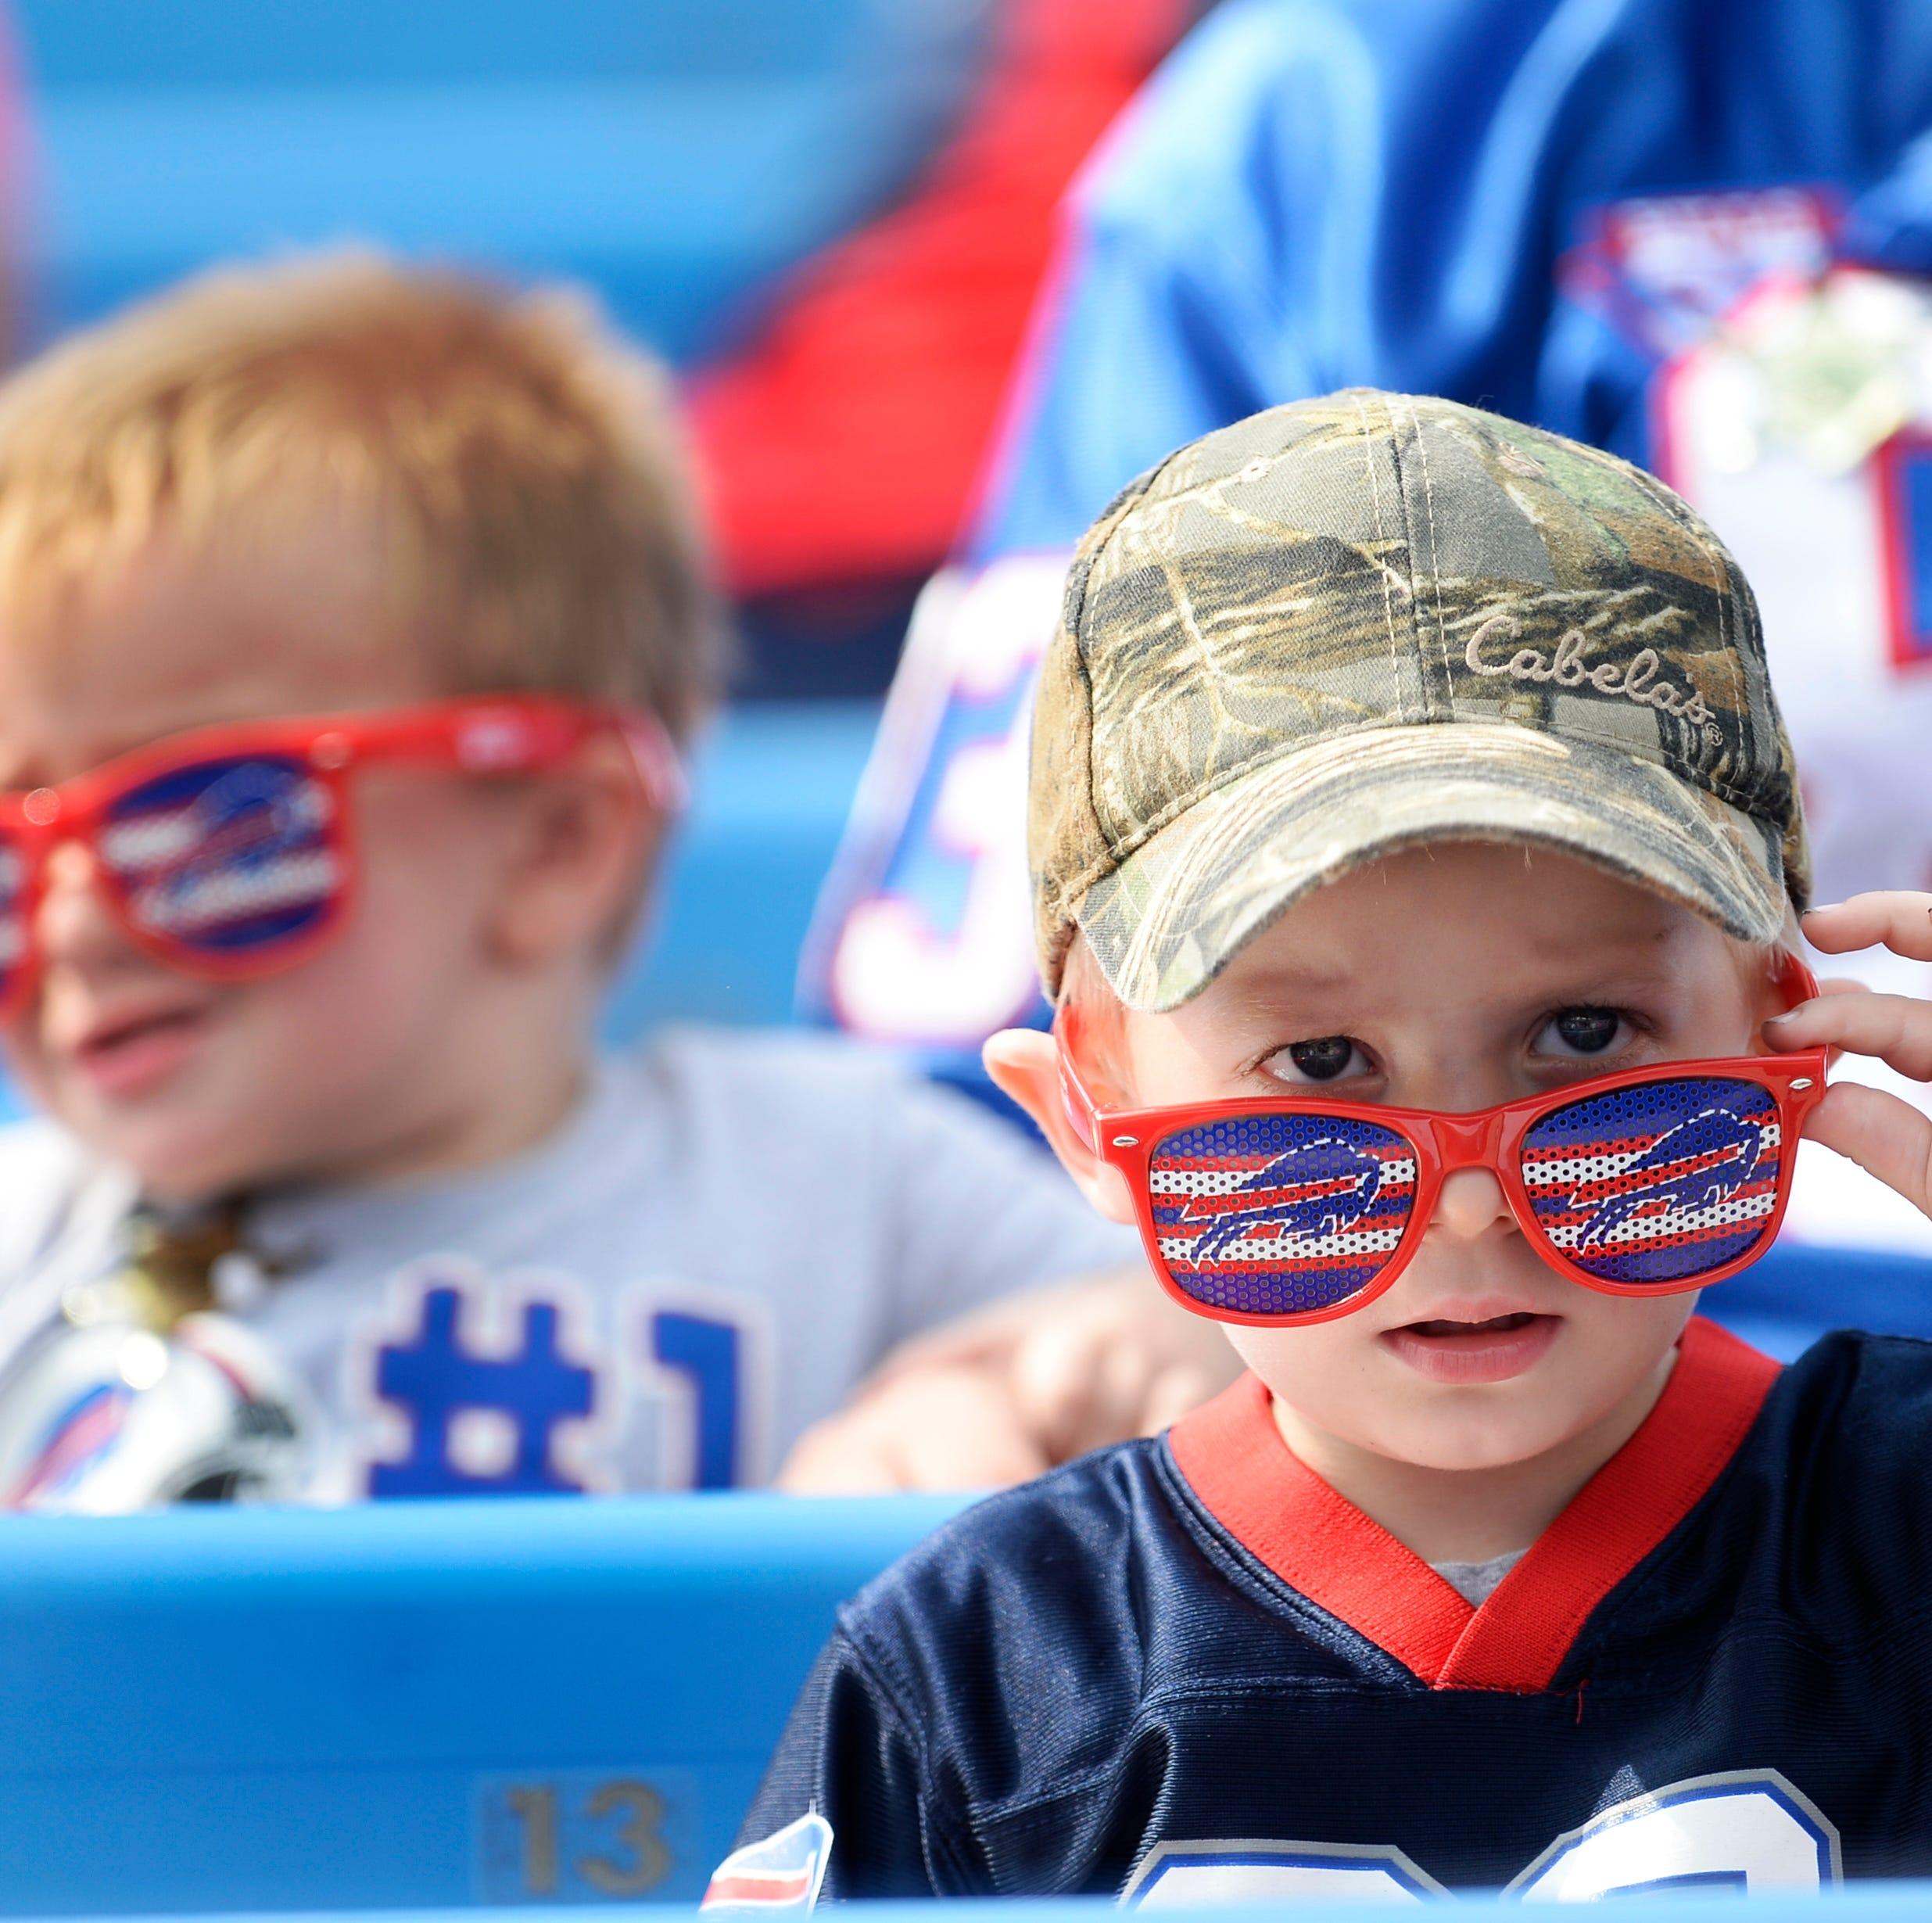 Tweets: Buffalo Bills fans wallow in misery